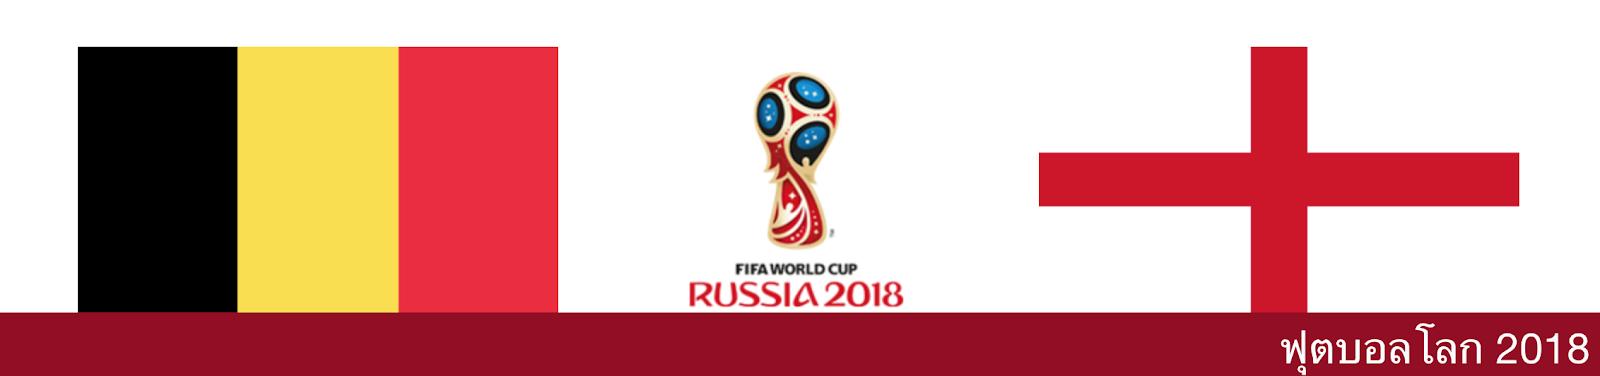 ดูบอลสด วิเคราะห์บอล ฟุตบอลโลก เบลเยียม vs อังกฤษ